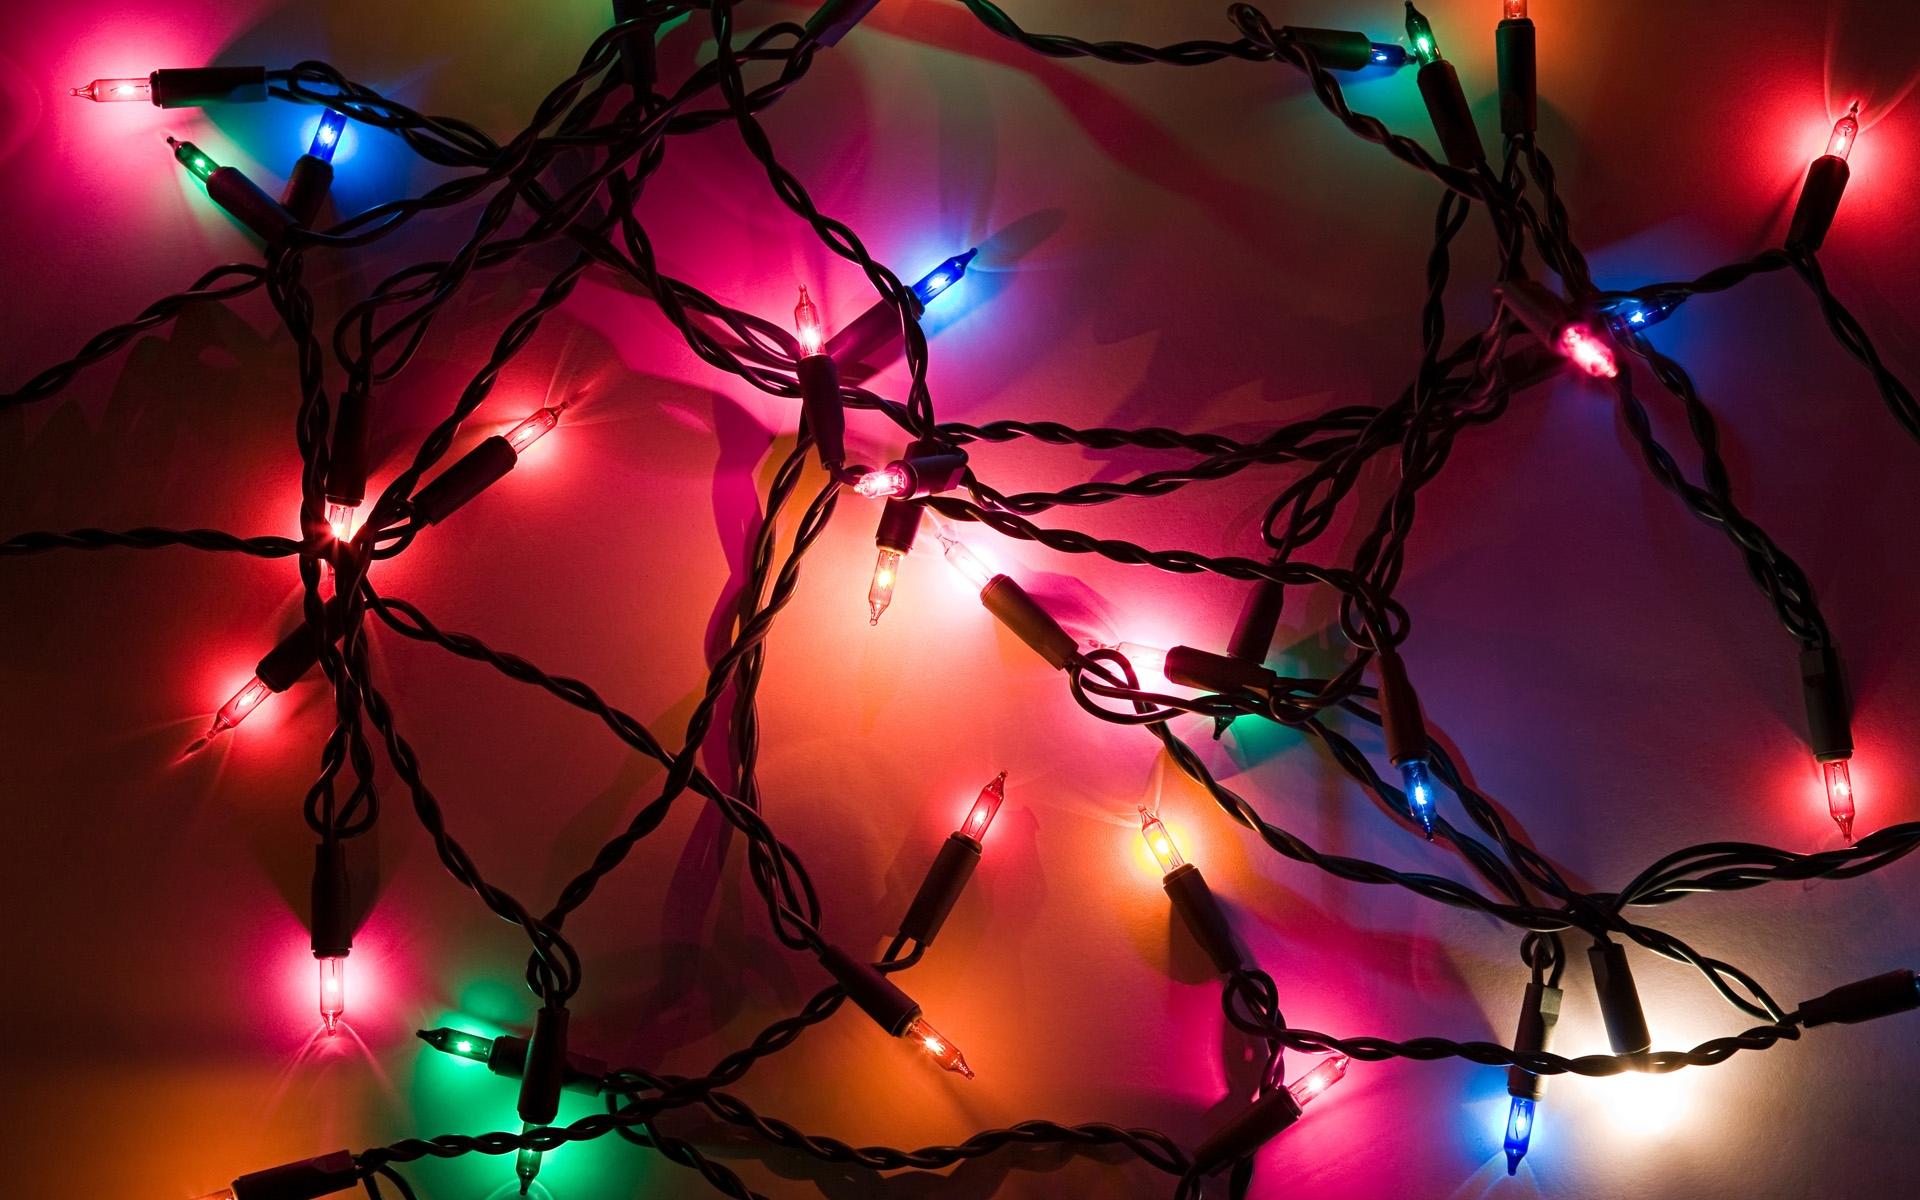 """圣诞节本来是西方人的传统节日,而随着东西方文化的水乳交融,这个""""老外的春节""""也被越来越多的国人所看重。今天距离圣诞节还有一个月时间,微软就提前准备了一份小礼物:新款Windows 7主题""""节日彩灯""""(Holiday Lights)。 套用微软的话,""""这个Windows 7主题将利用节日庆祝、冬日美景的激情图片的来照亮你的桌面""""。主题内包含了多达17张充满圣诞节气氛的精美壁纸,其中可以看到圣诞树、彩灯、蜡烛、松果、雪花、小船甚至是椰子树"""